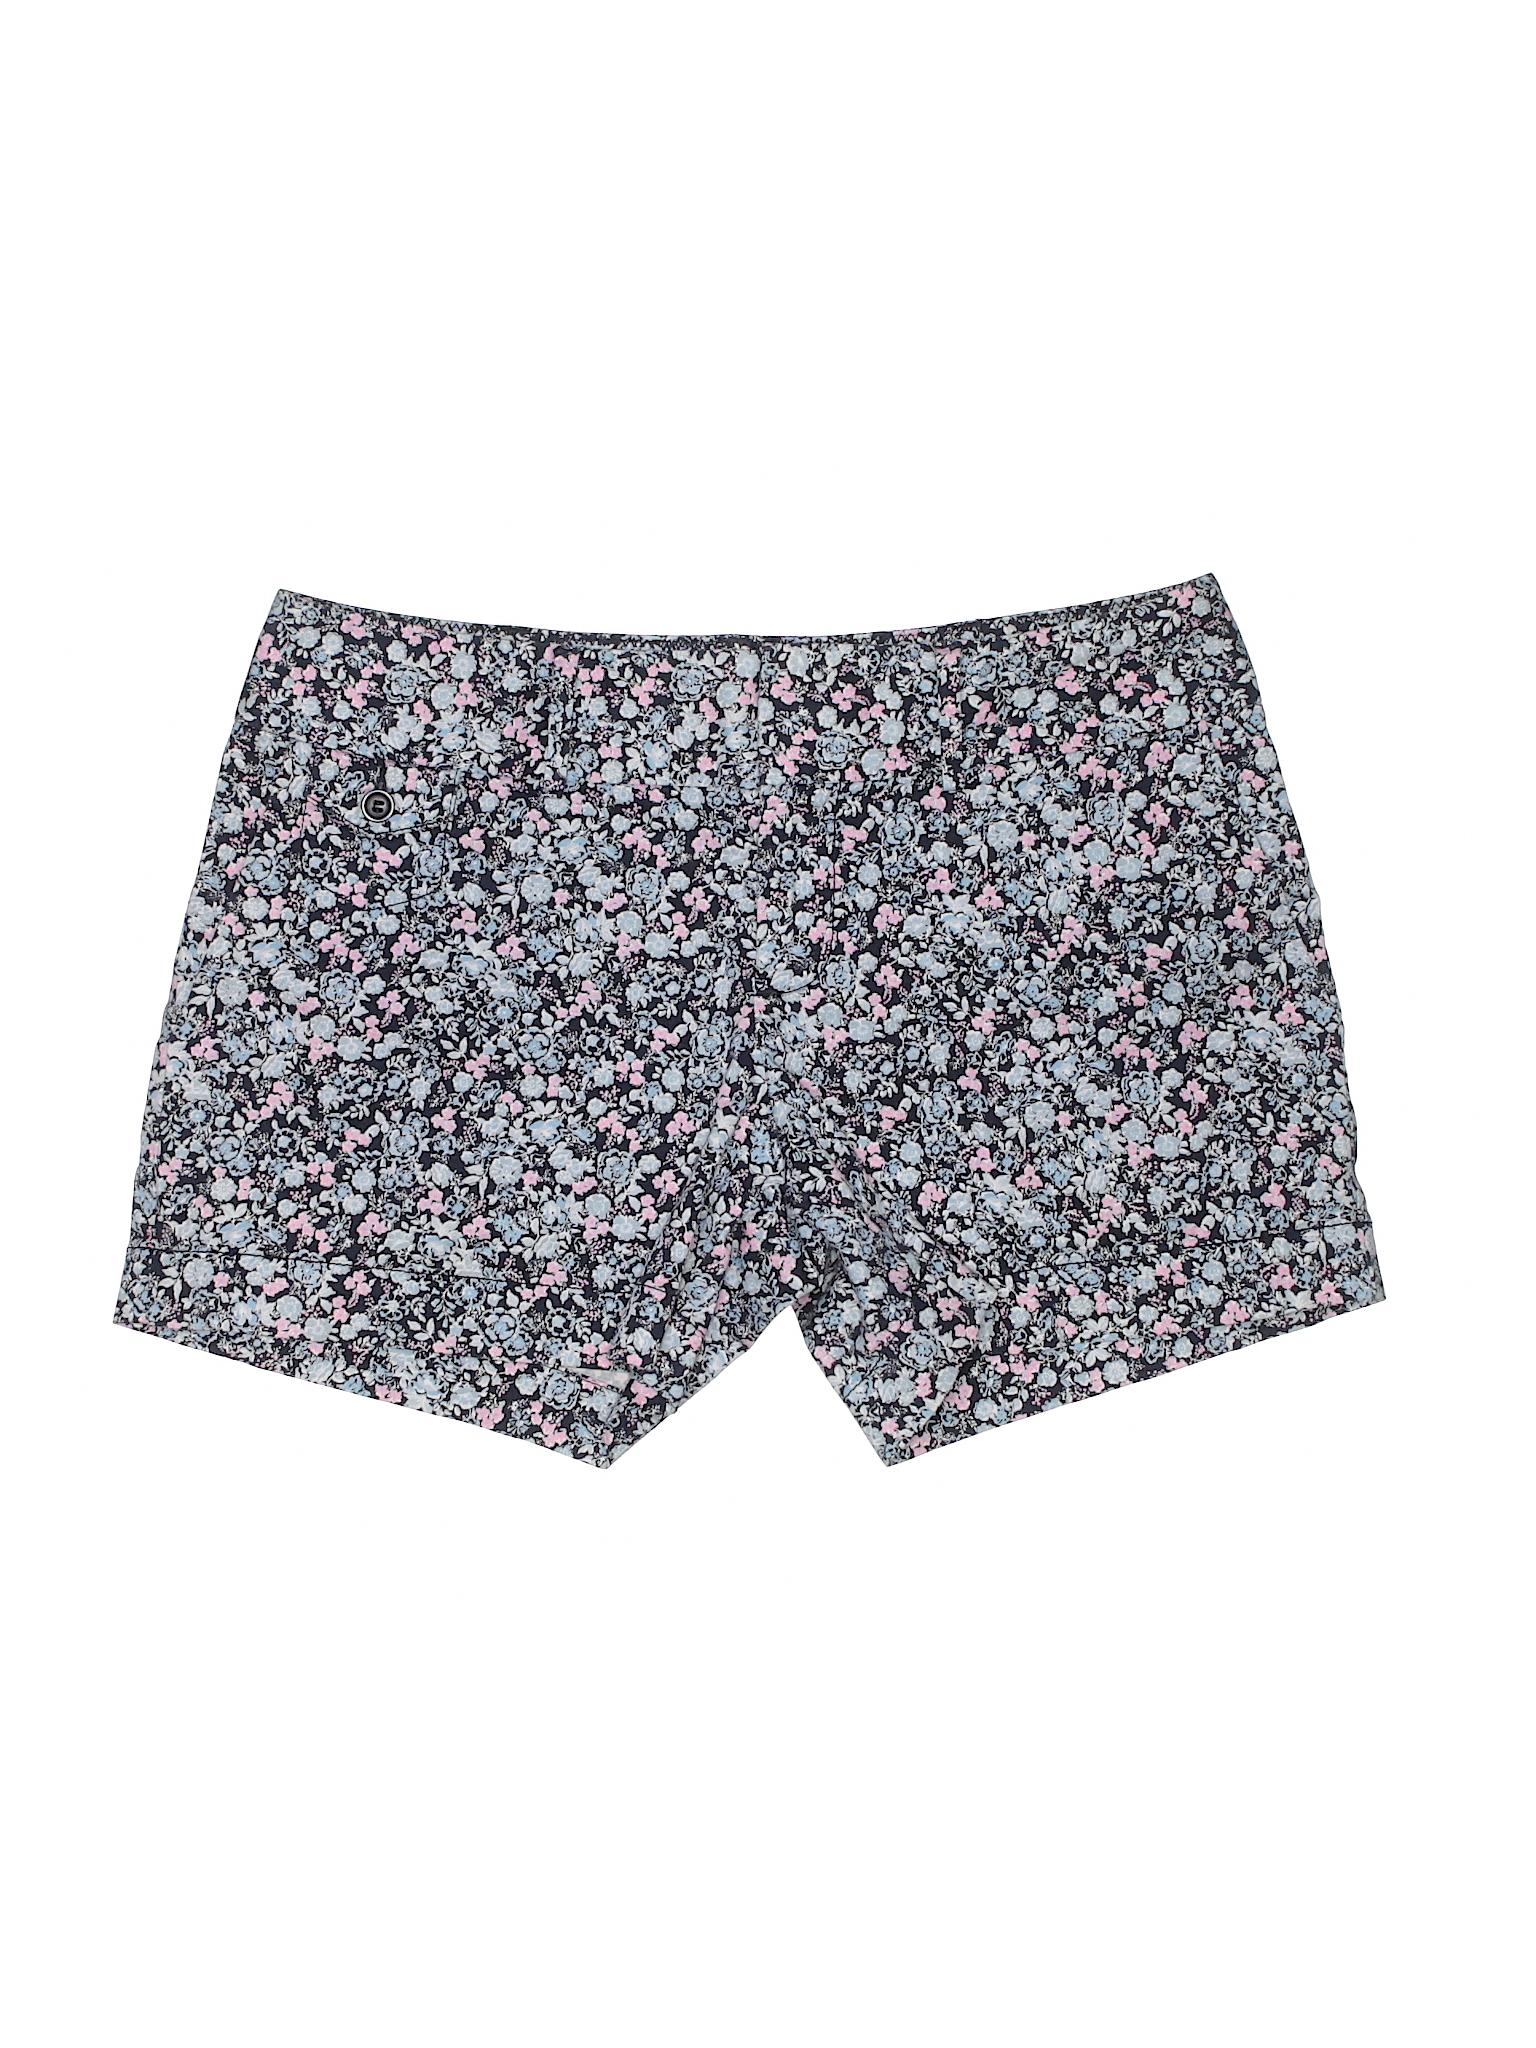 Boutique INC Boutique International INC Shorts Concepts zPzRqO